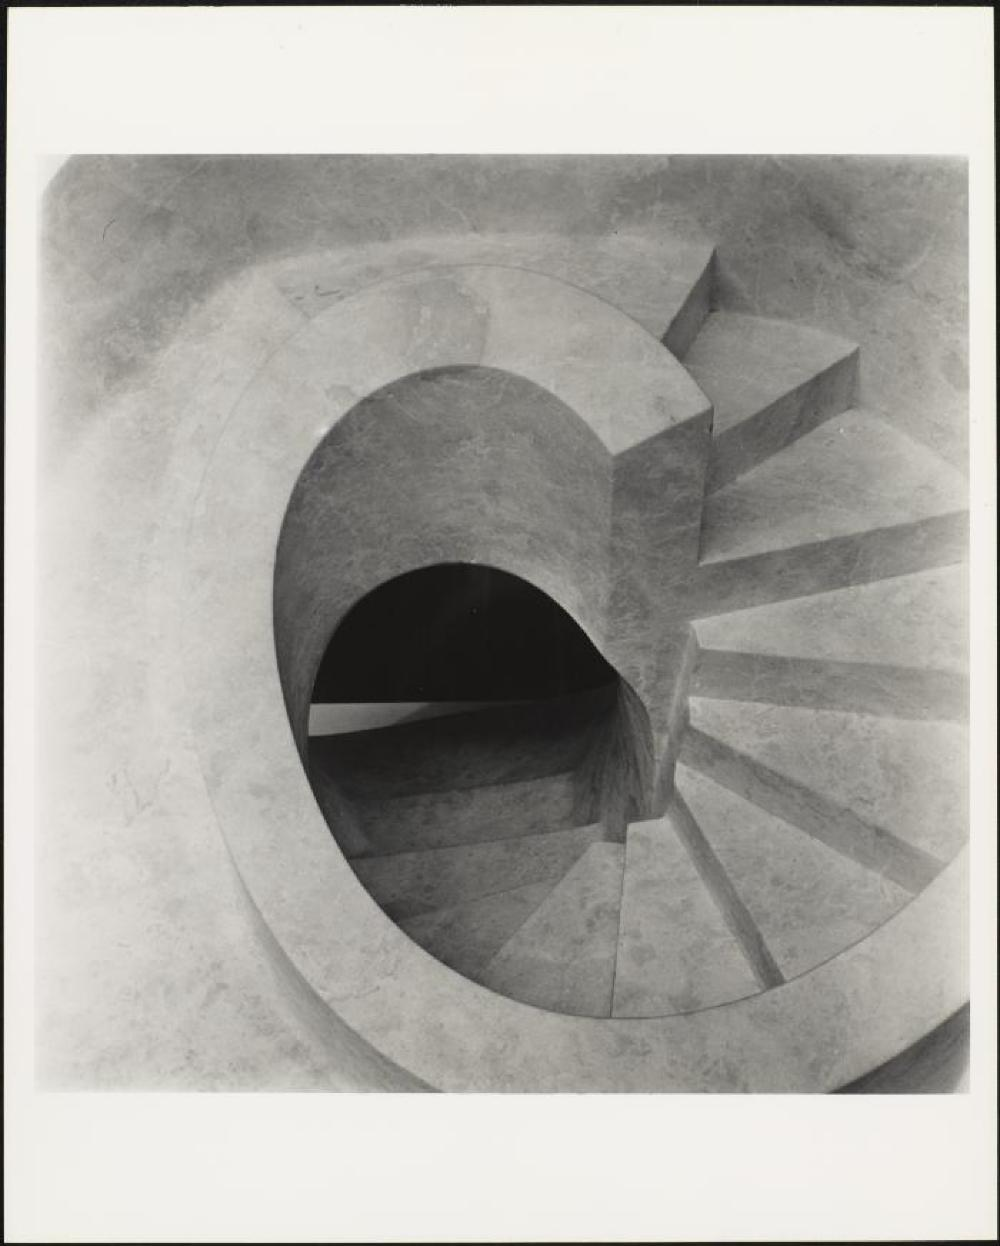 Slide Mantra, 1986